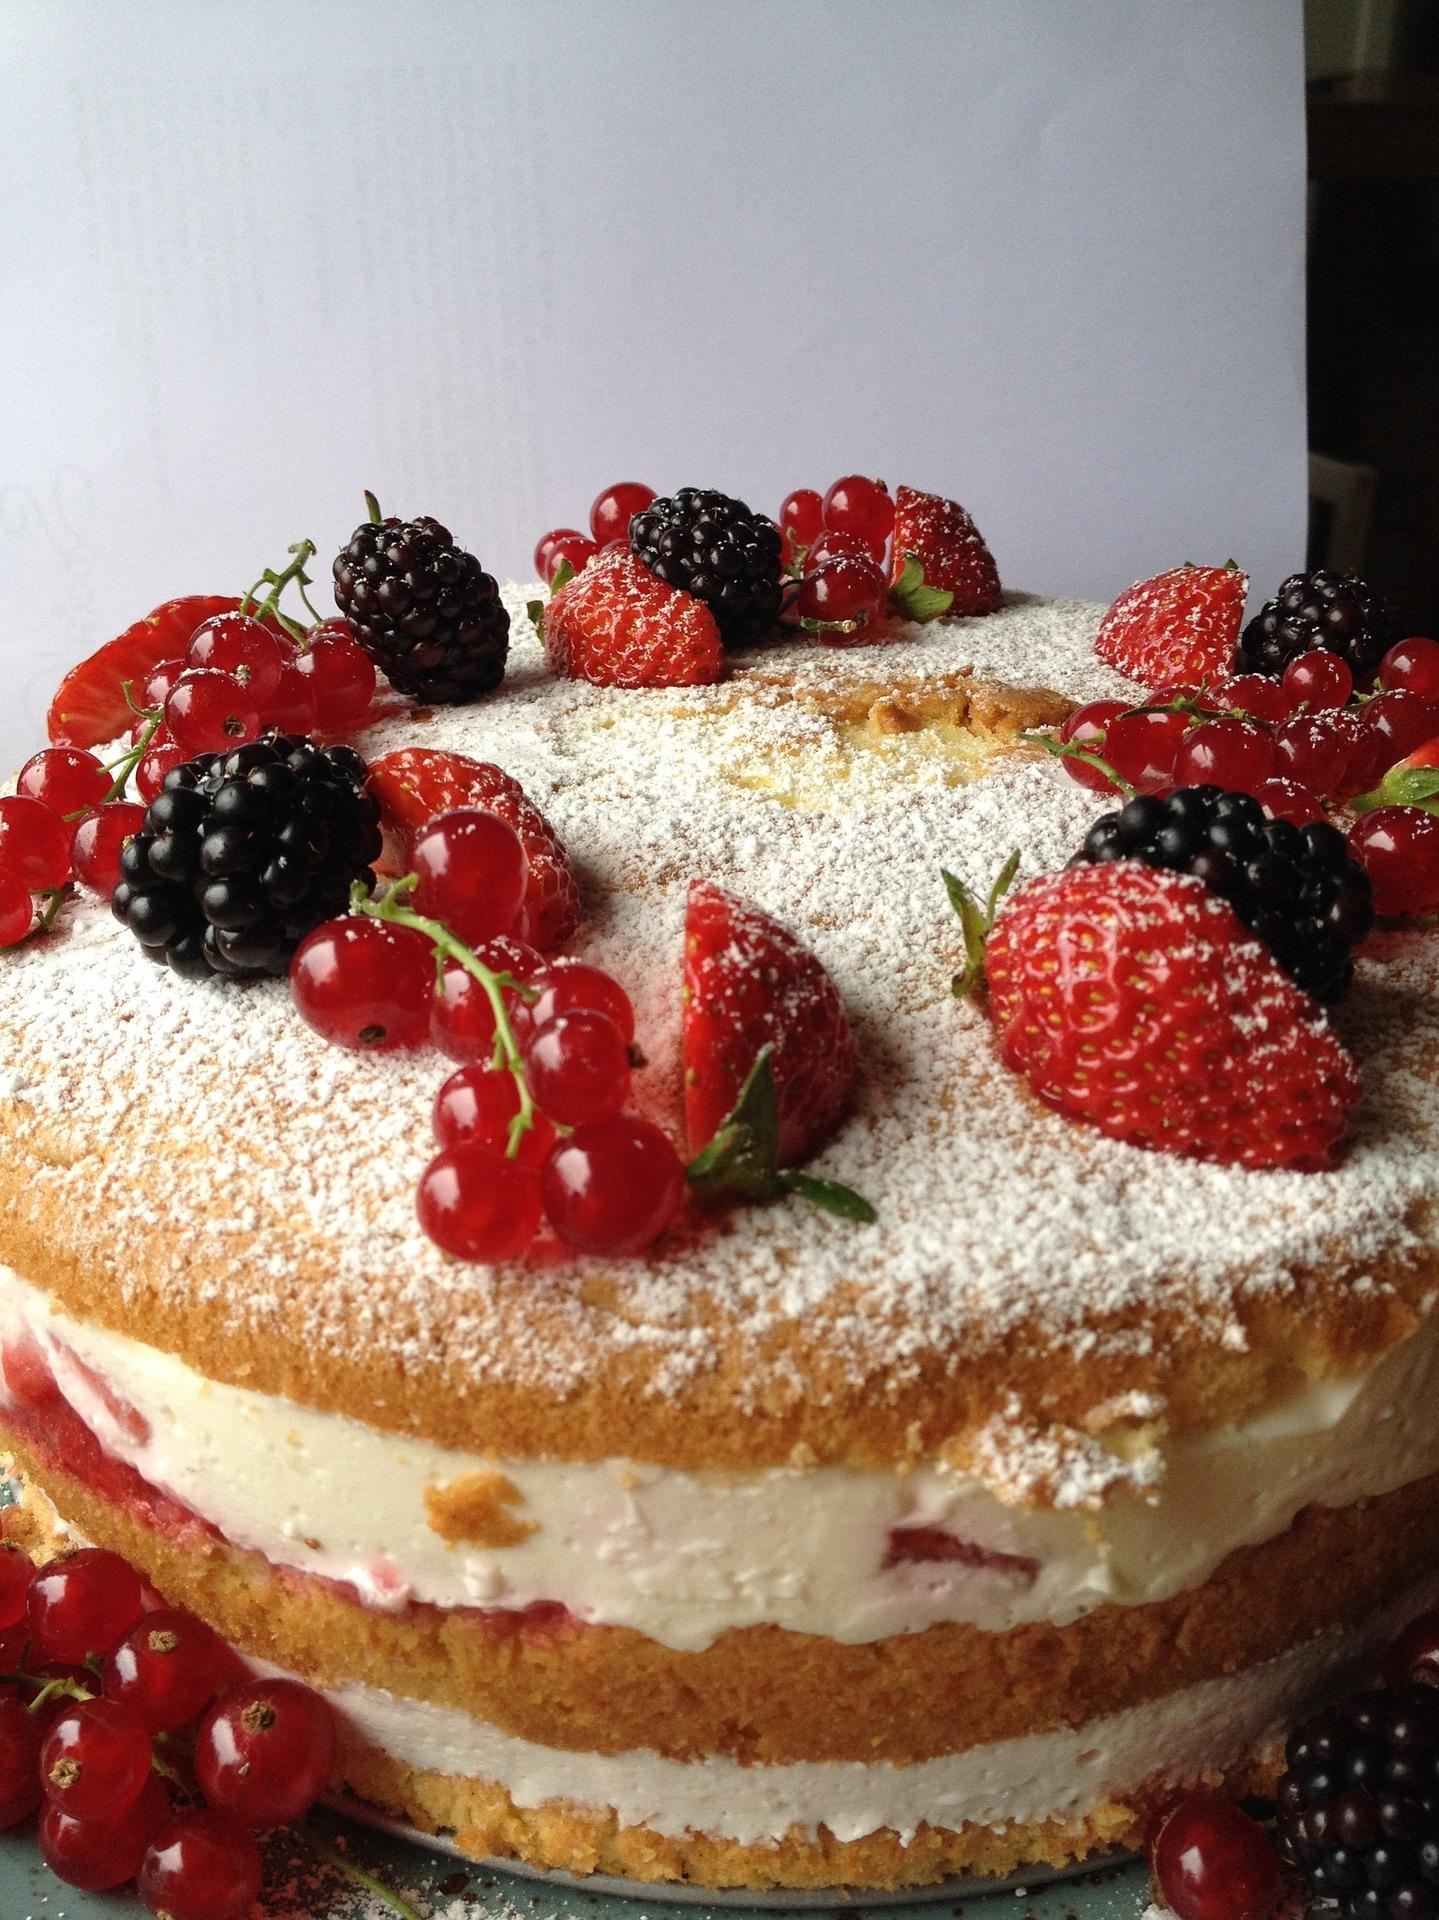 голый торт.jpg